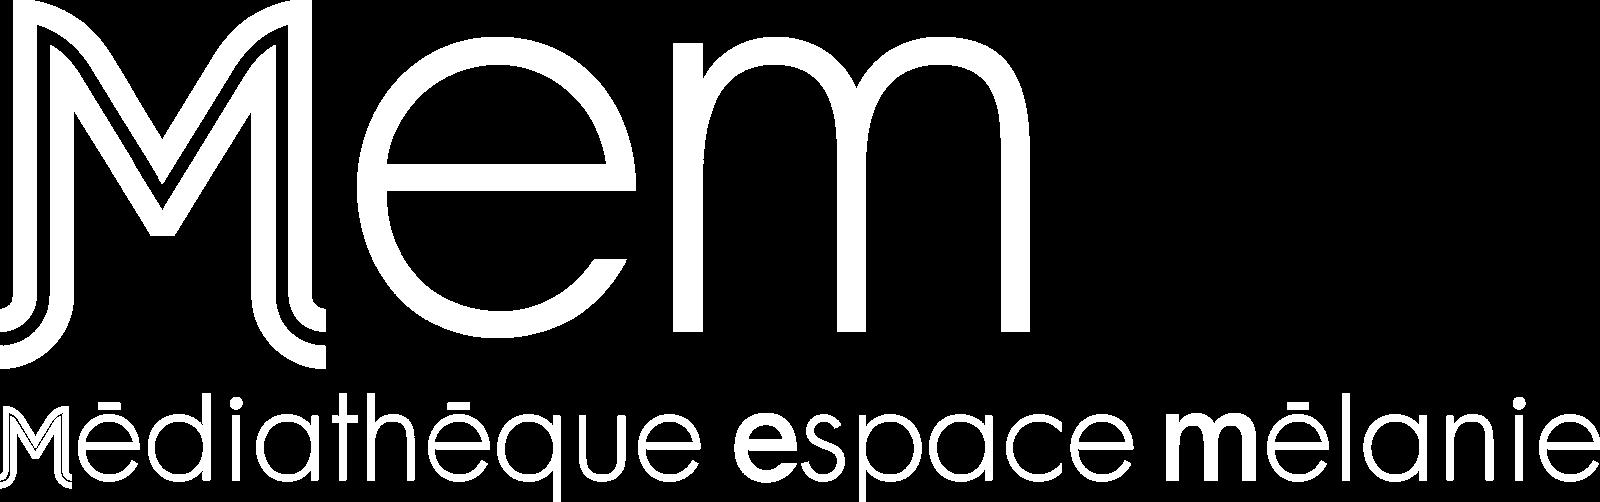 Mem, Médiathèque espace mélanie